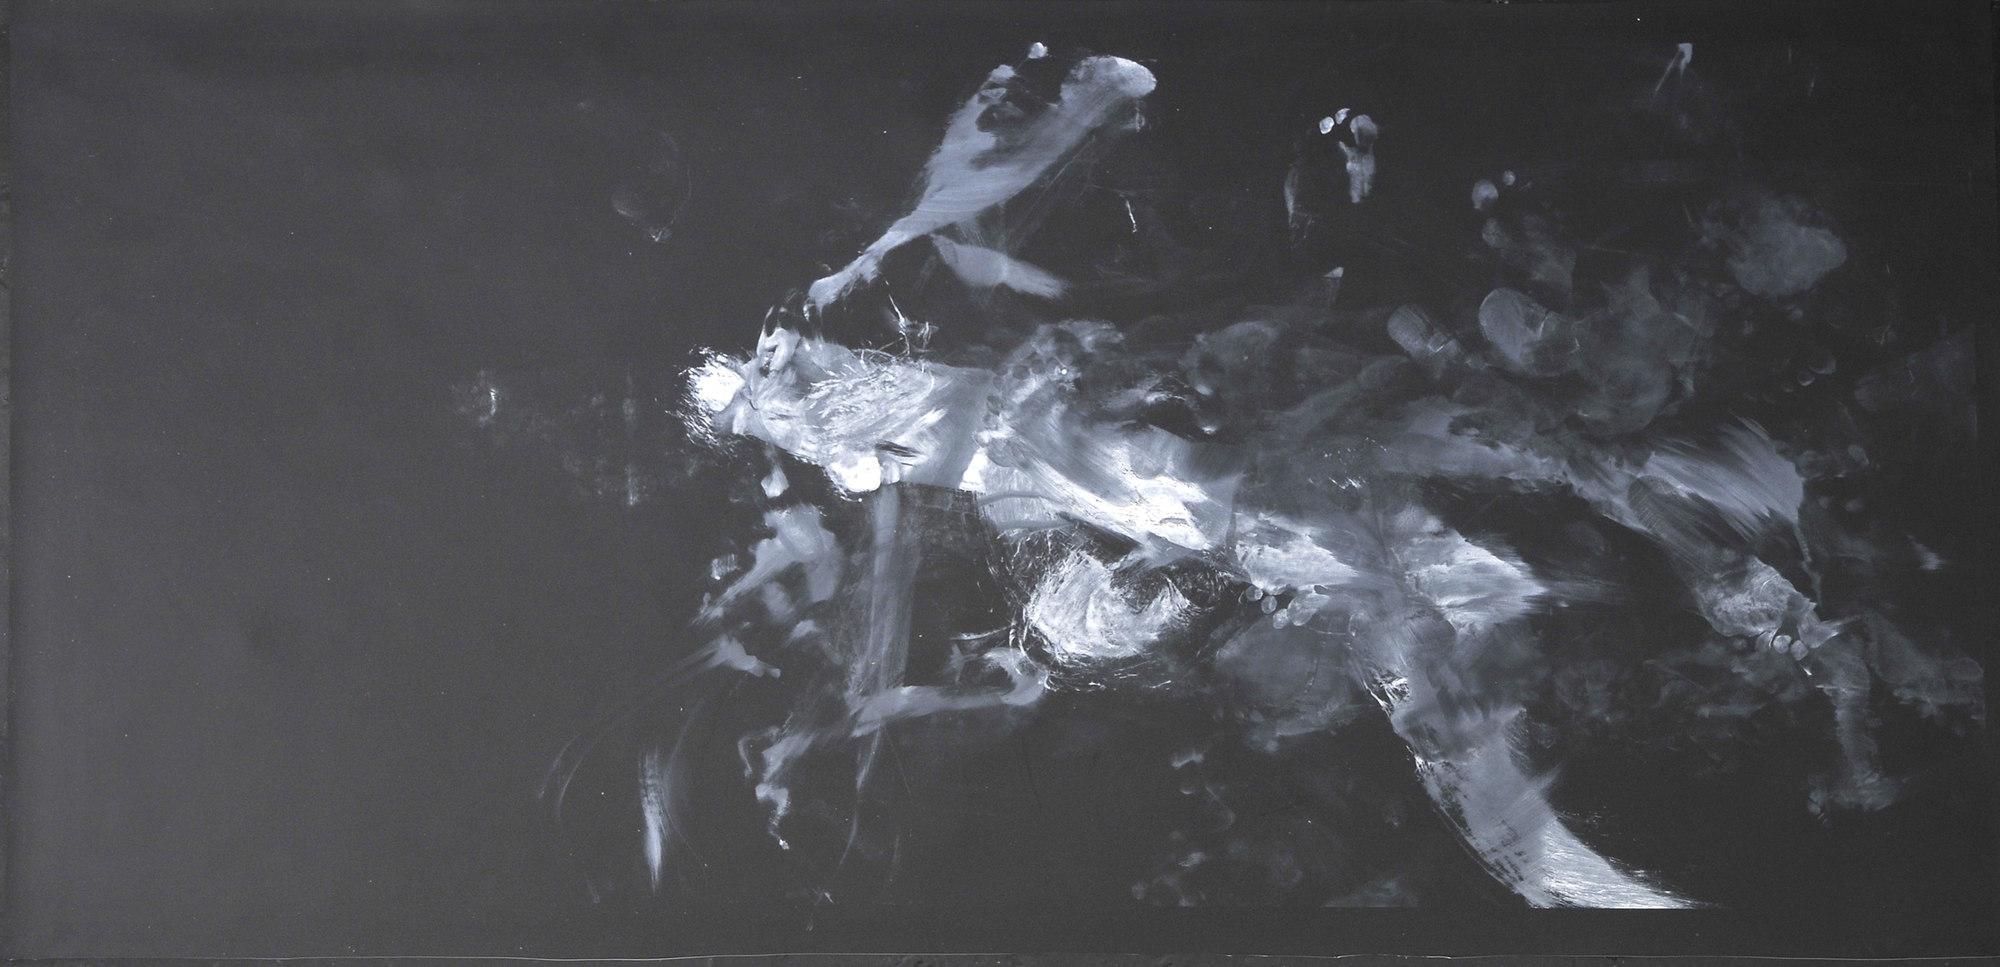 boychild - Wu (threshold), 2015